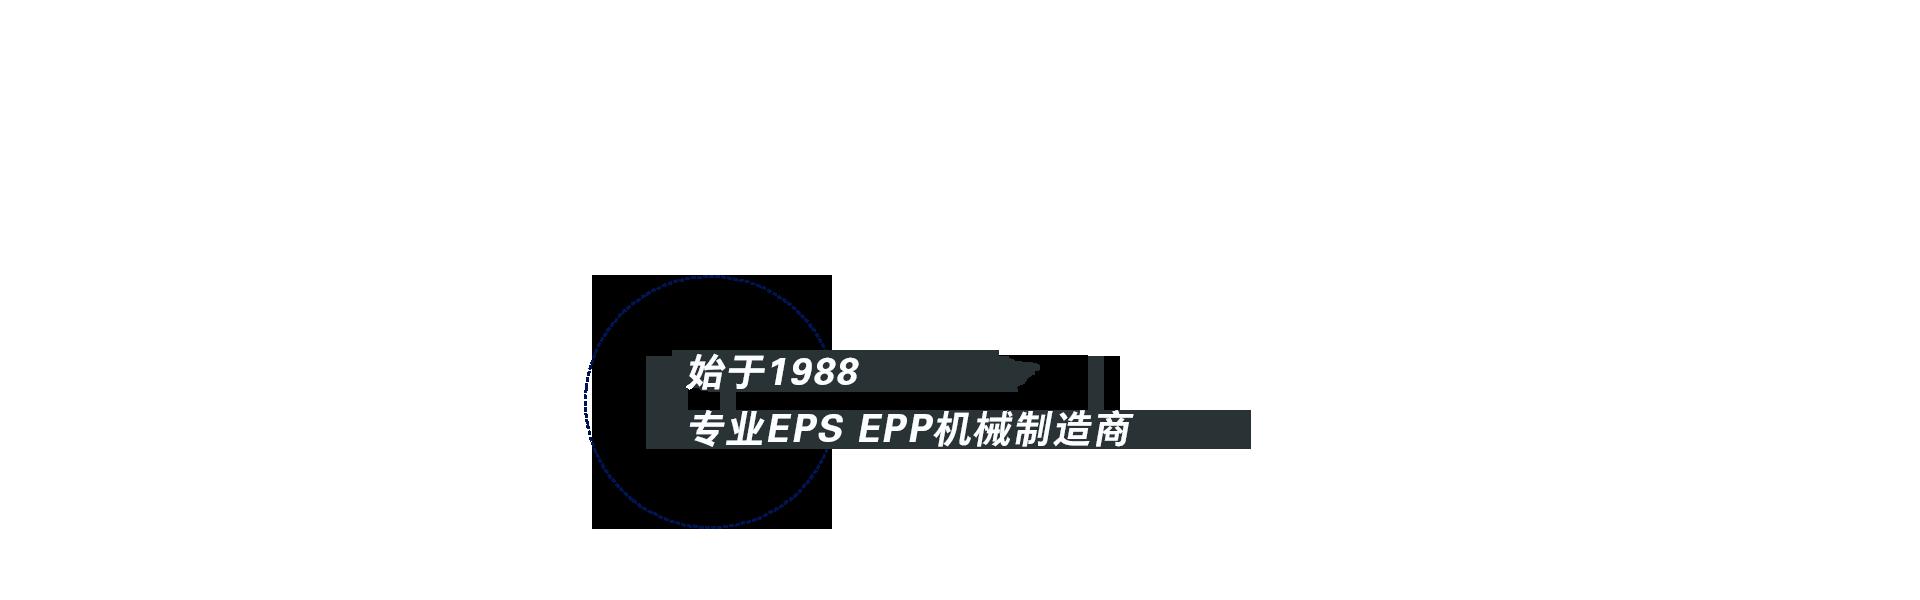 方圆官网横幅20200310——浮层中文. png